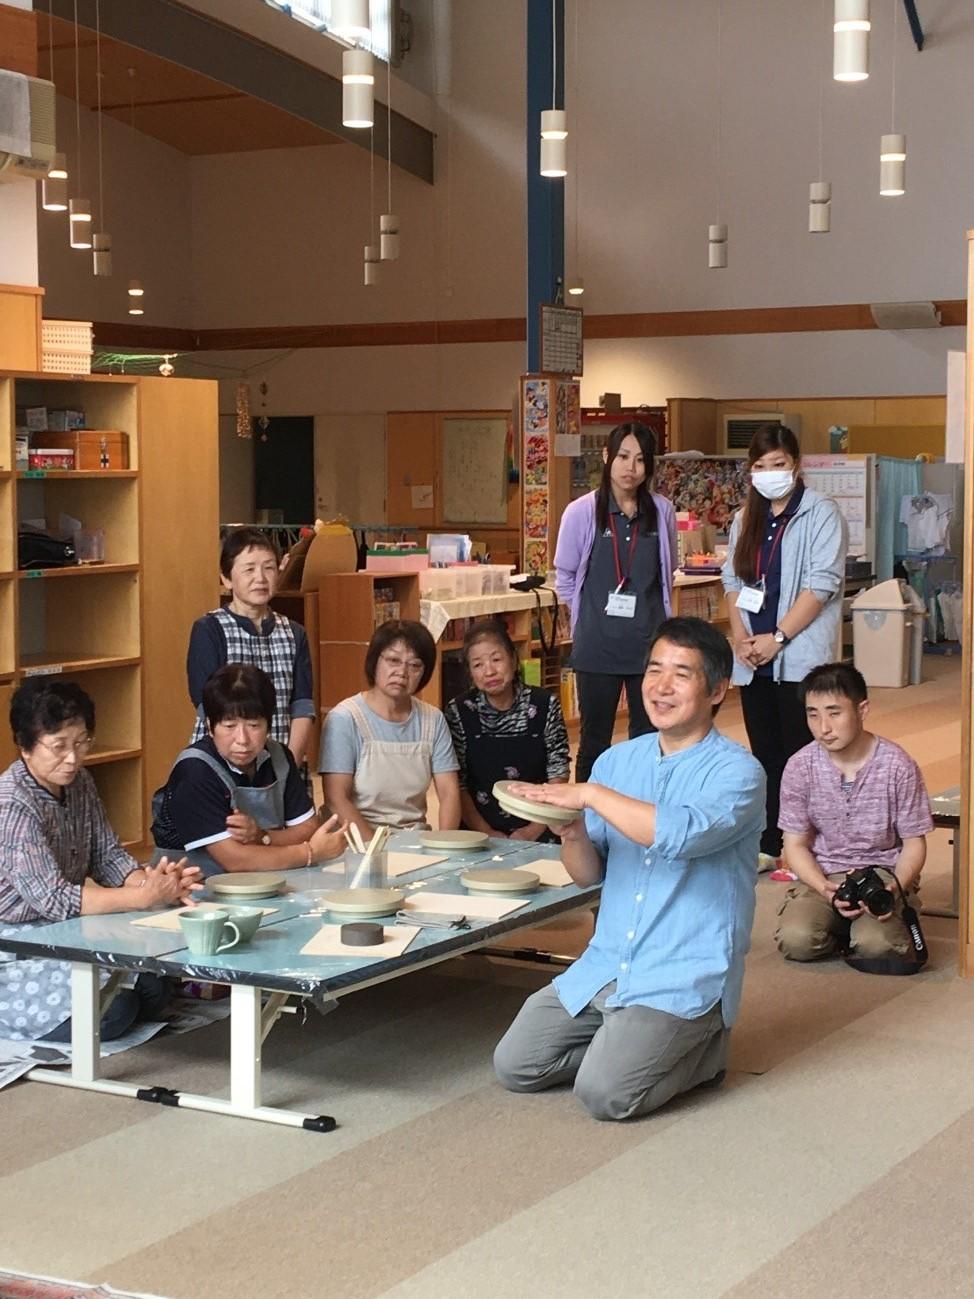 村内にできた大堀相馬焼窯元を招いての陶芸教室29年9月